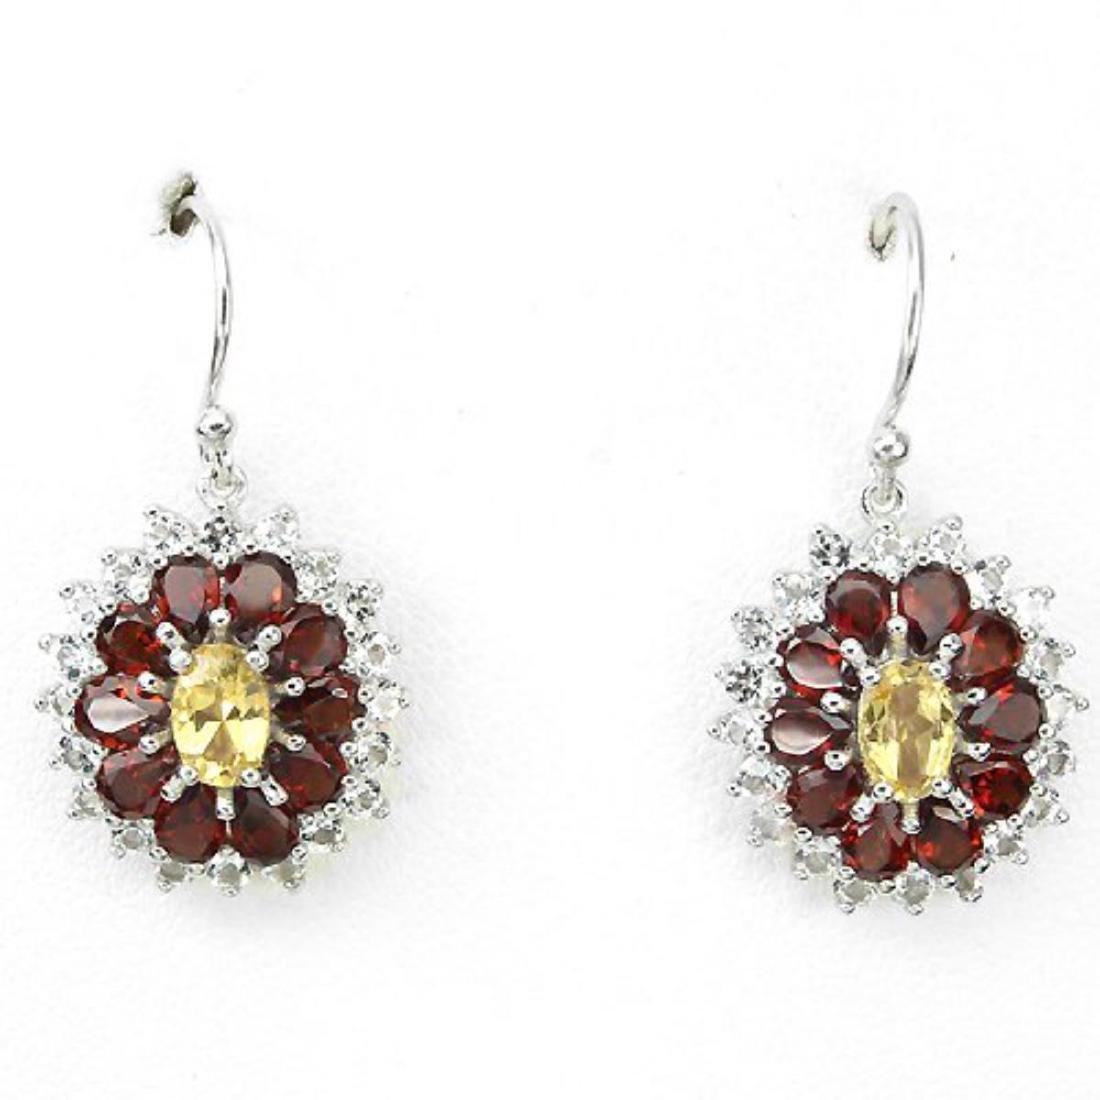 Natural Garnet & Citrine Earrings